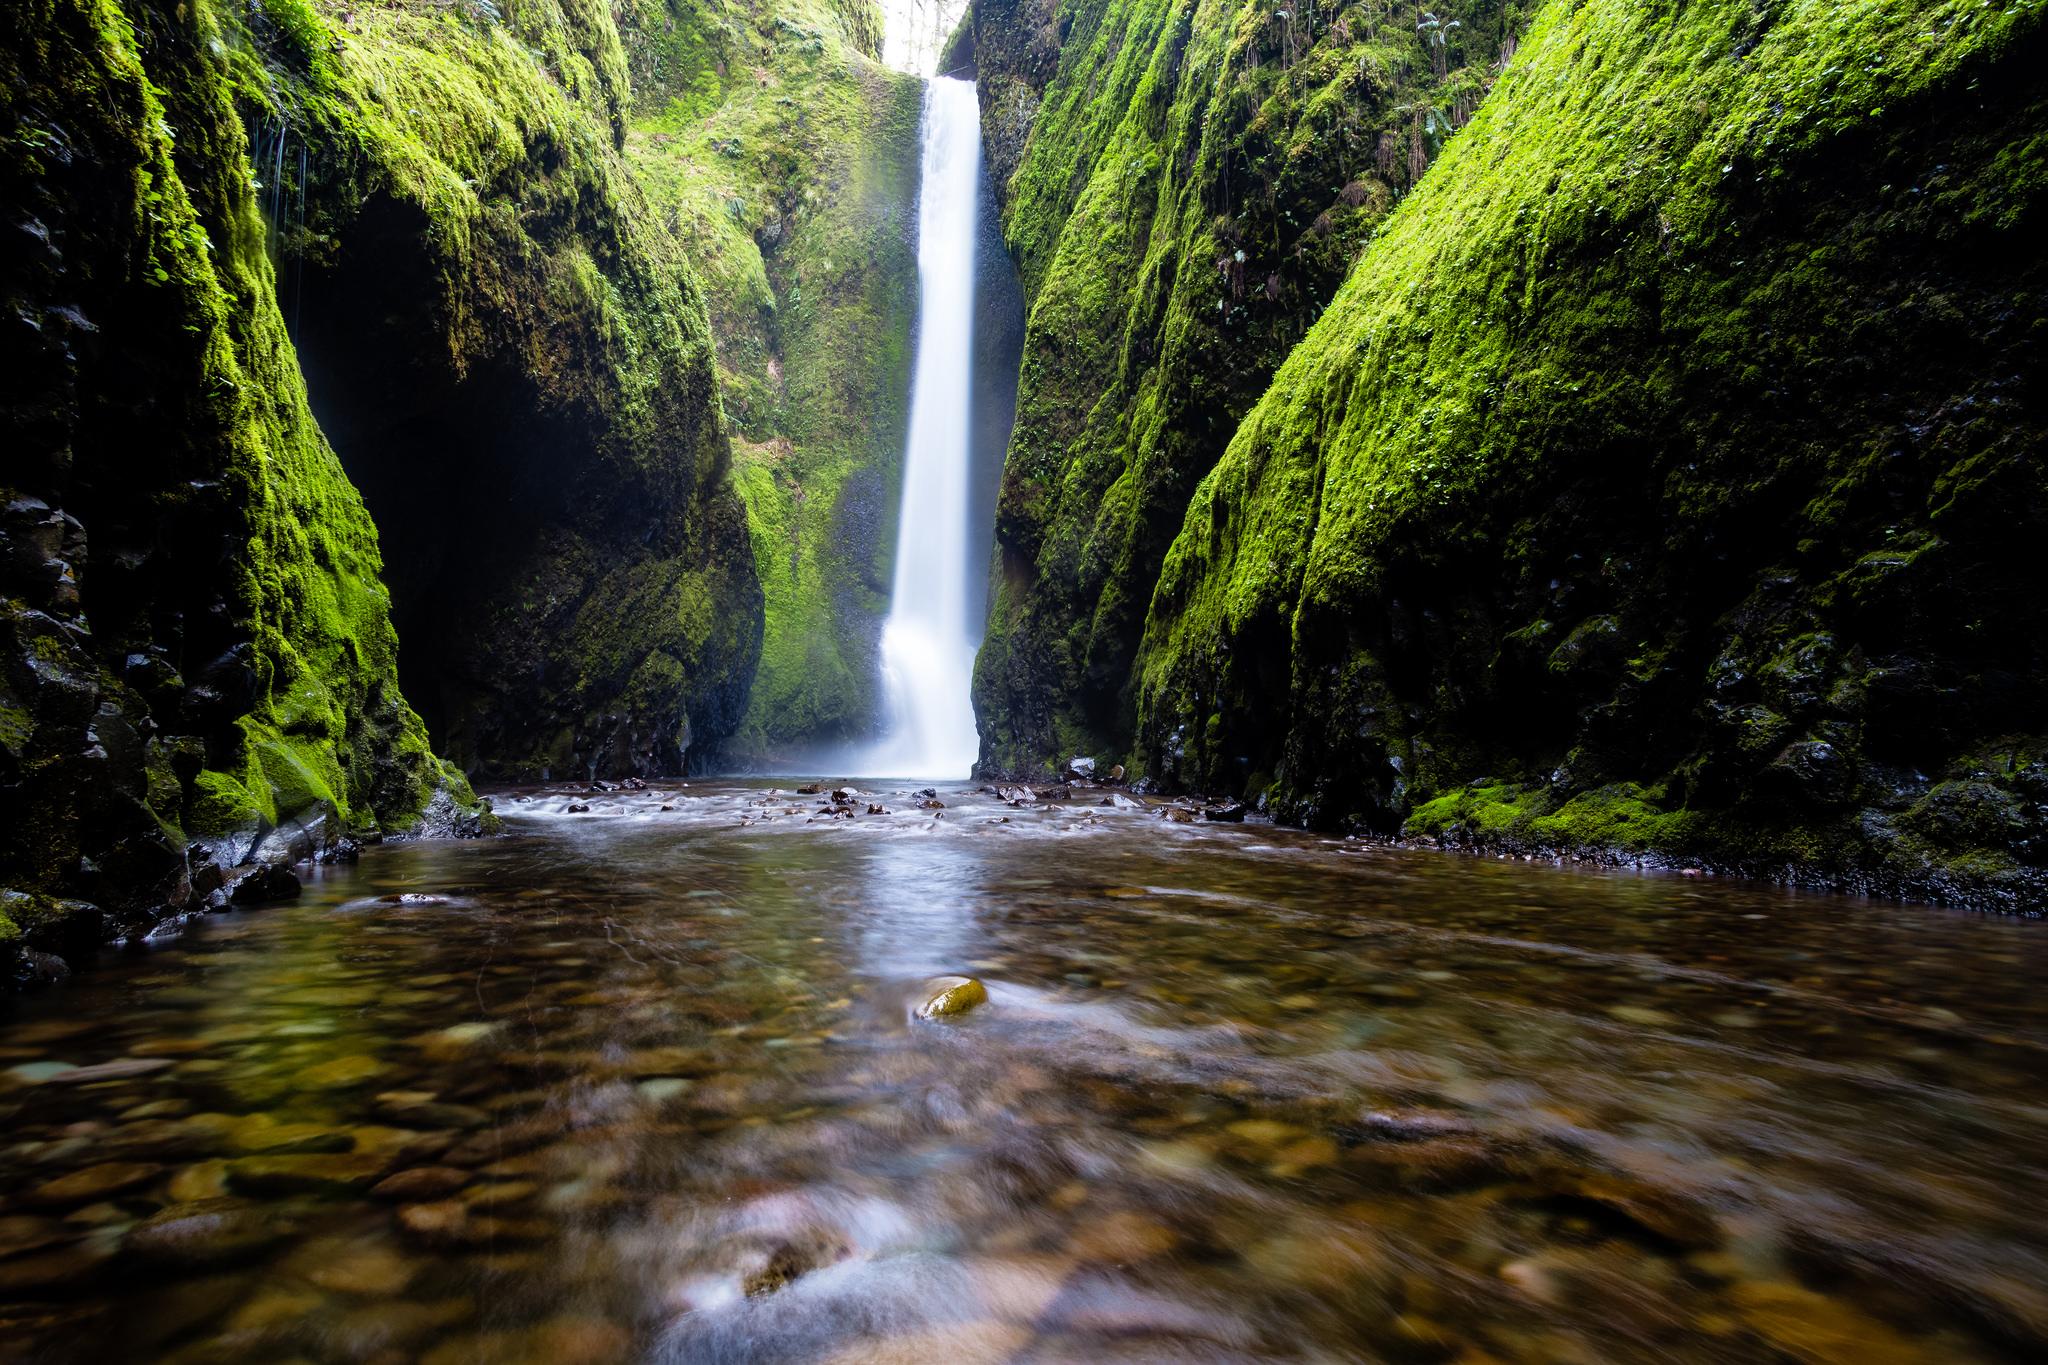 بالصور صور عن الطبيعة , مناظر طبيعيه خلابه 4410 39